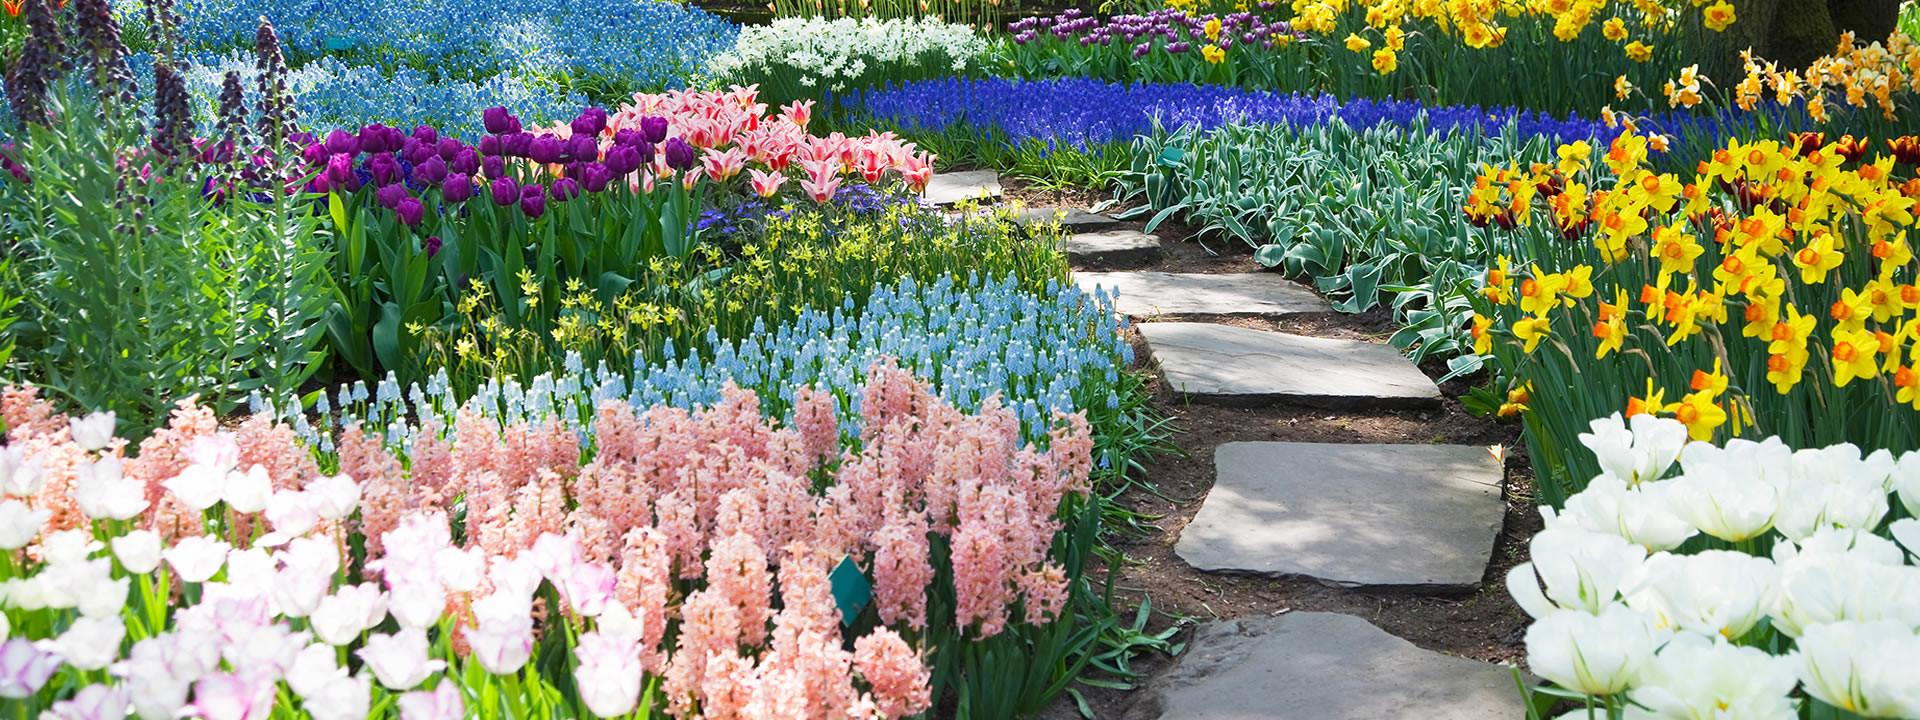 Resources | Serenity Gardens